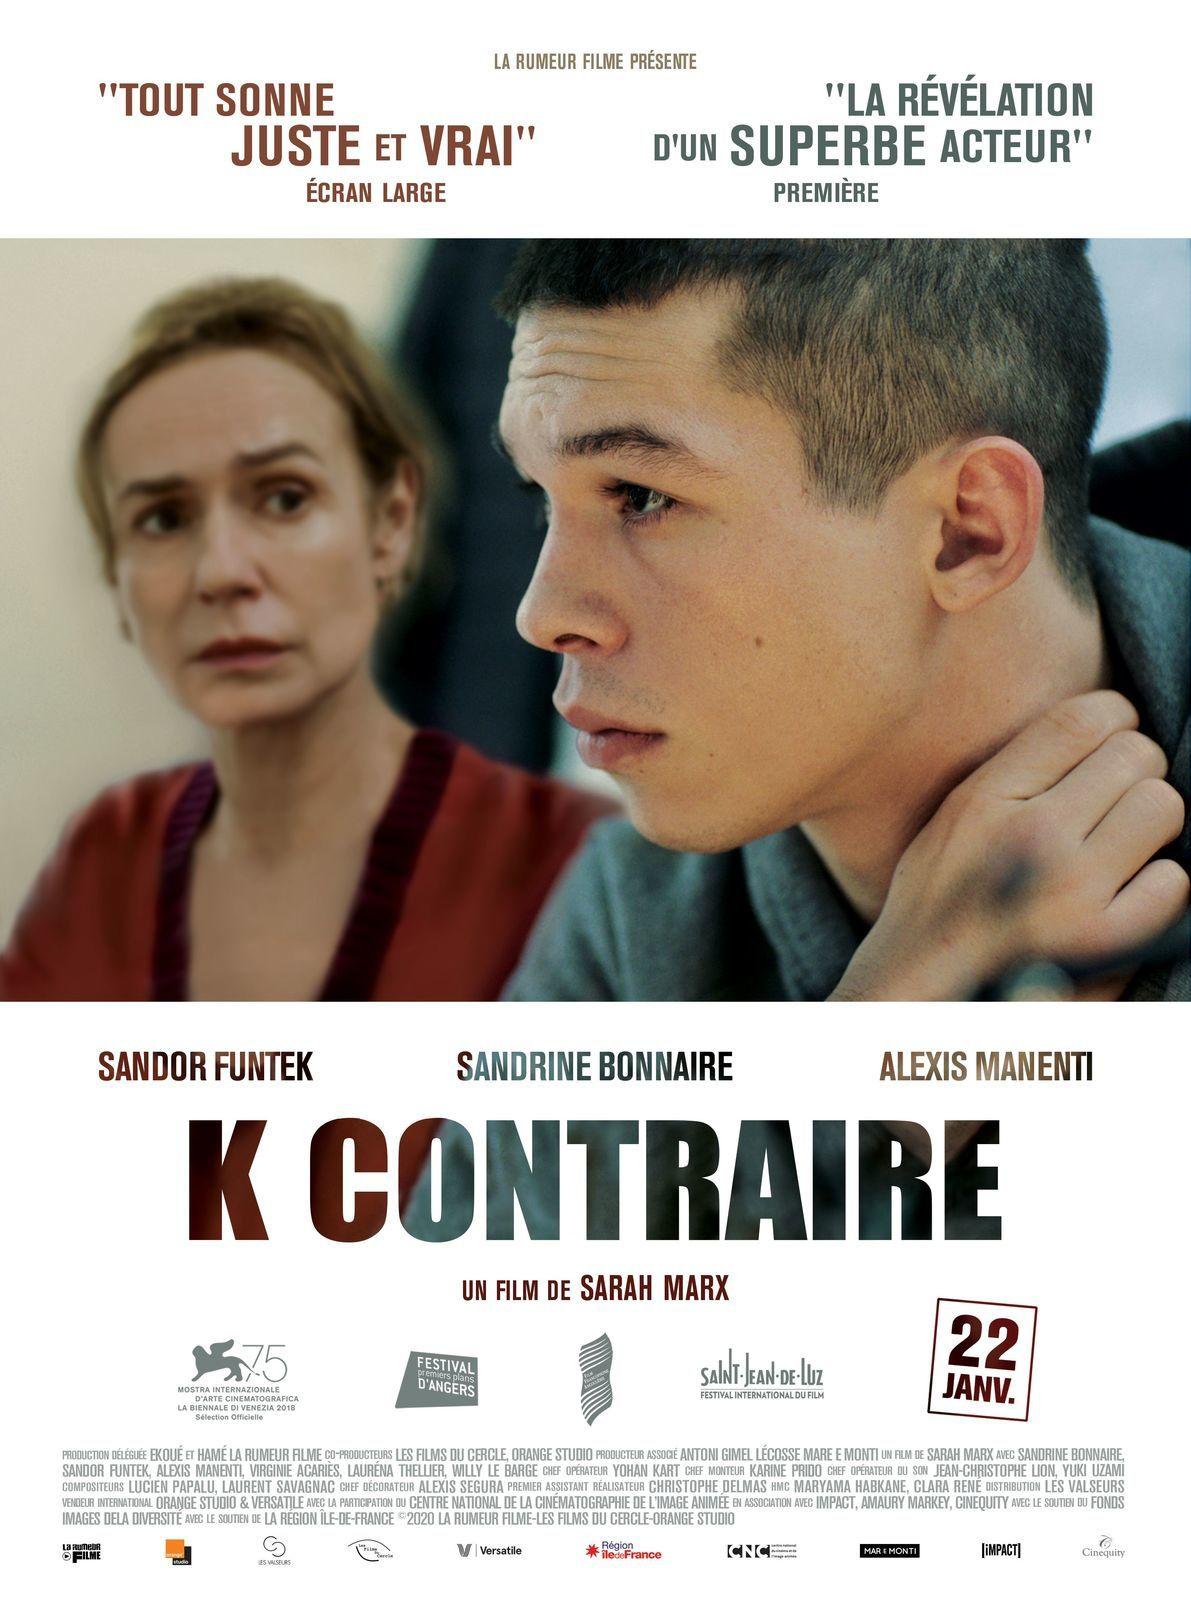 Dans les salles dès ce mercredi : K contraire, avec Sandrine Bonnaire, Alexis Manenti et Sandor Funtek.